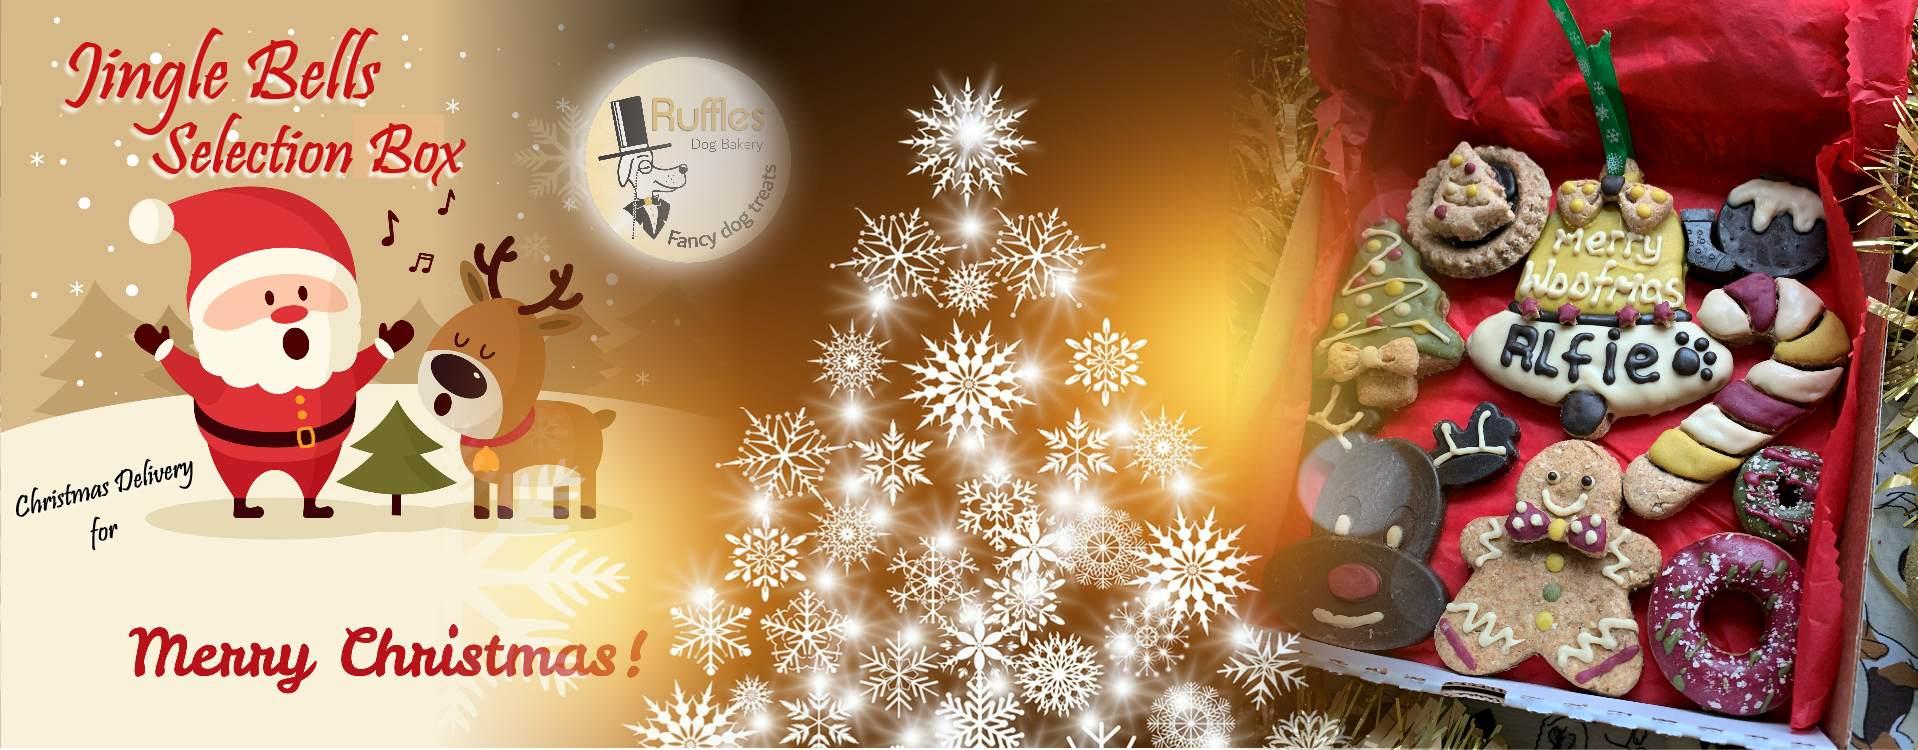 Christmas Dog Treat - Jingle Bells Selection Box